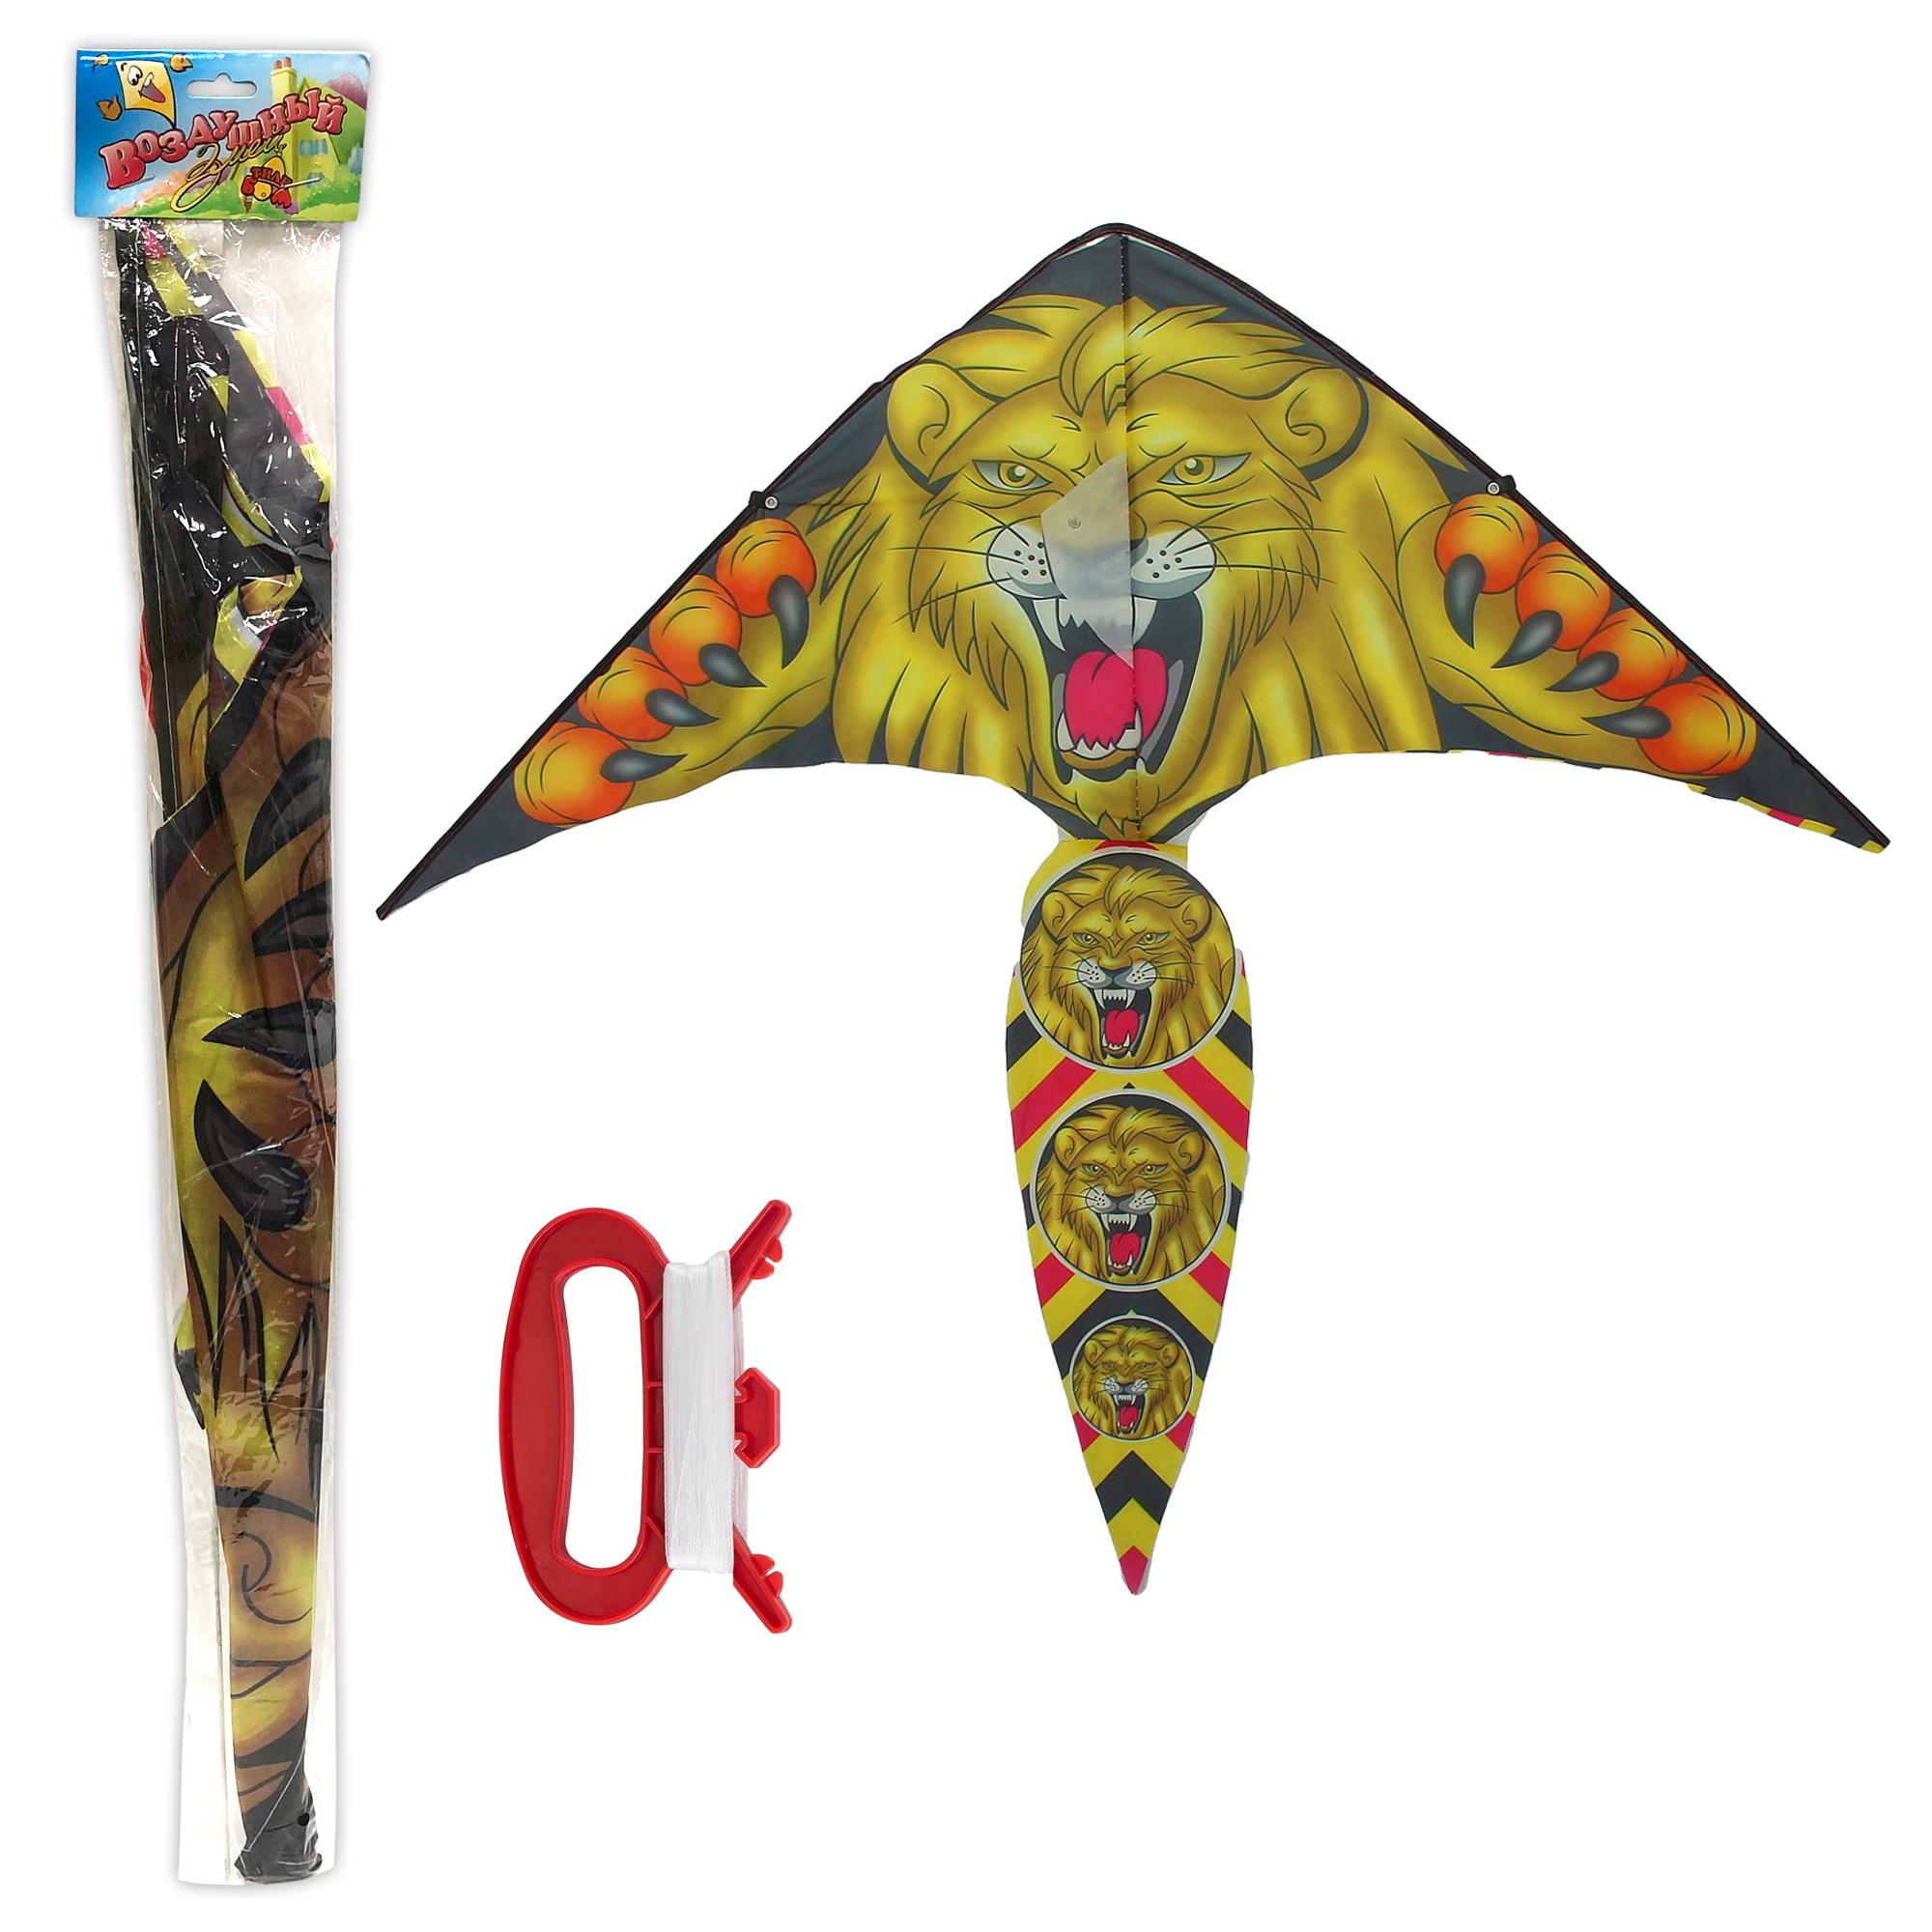 Воздушные змеи Тилибом Воздушный змей Тилибом 110 см mag2000 дед мороз и снеговик подсвечник со свечей 8 2 x 4 5 x 7 7 см